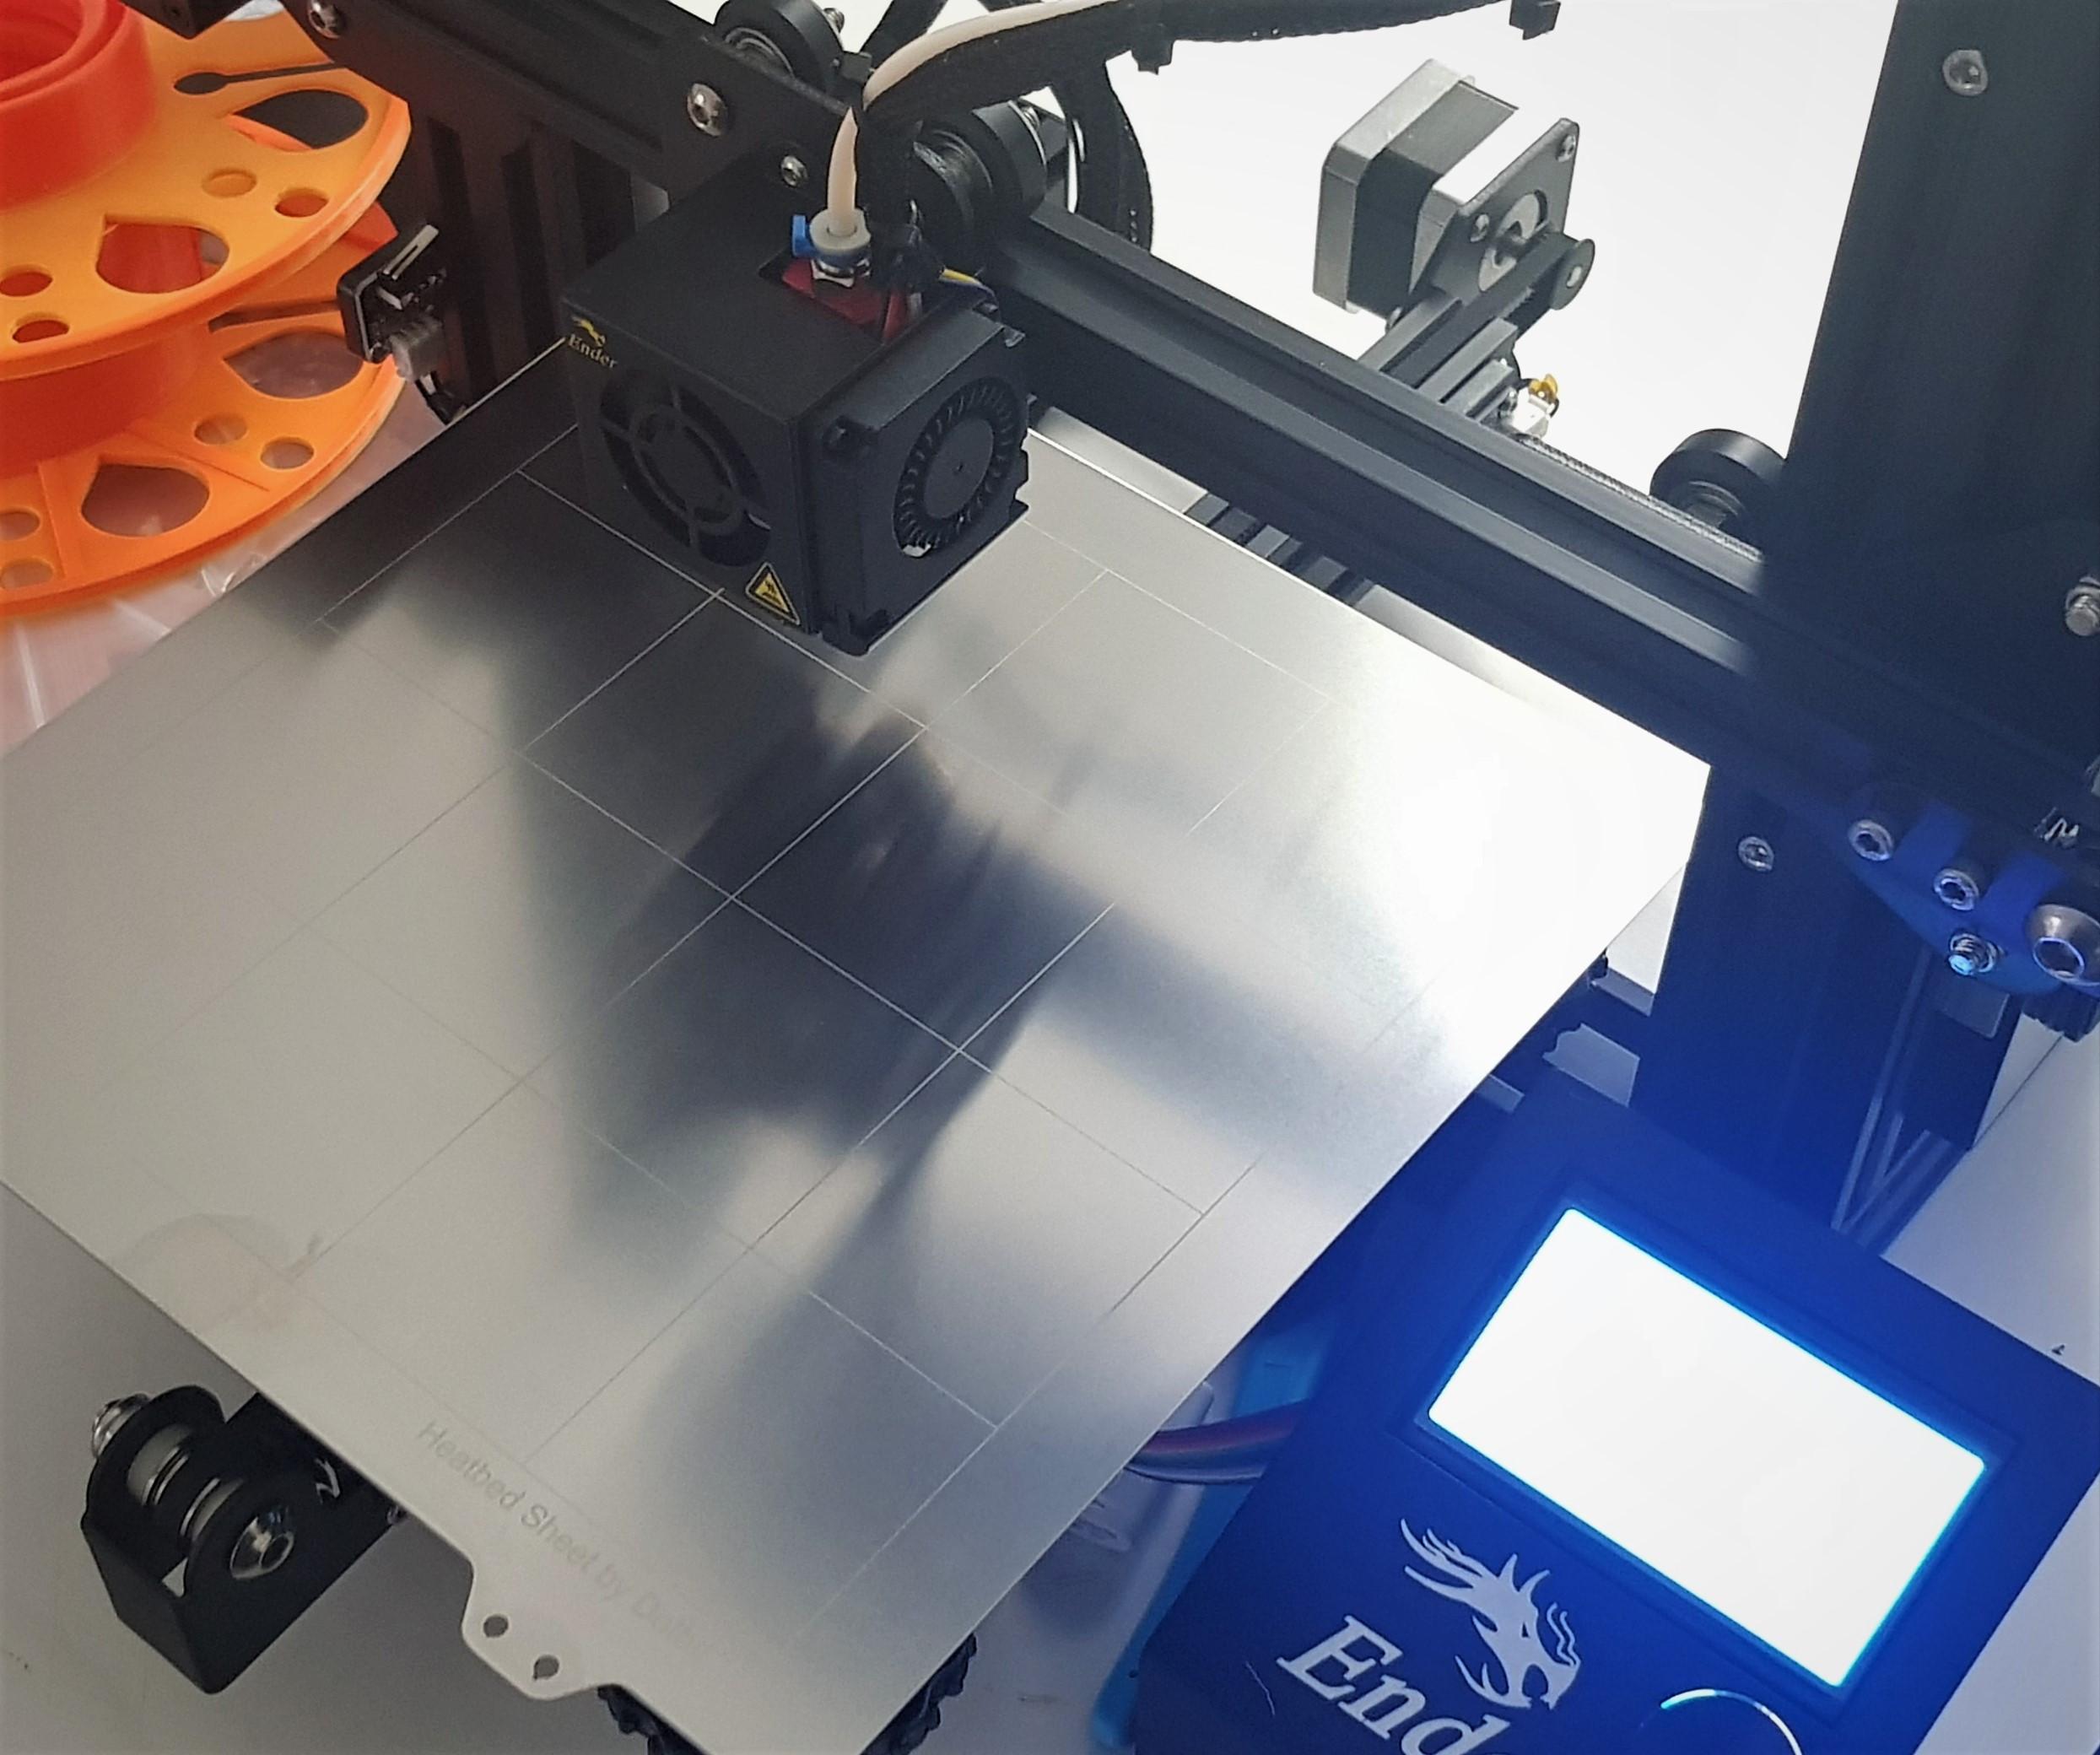 Chapa de Aço Flexivel de 235 mm com adesivo magnético para Creality Ender 3